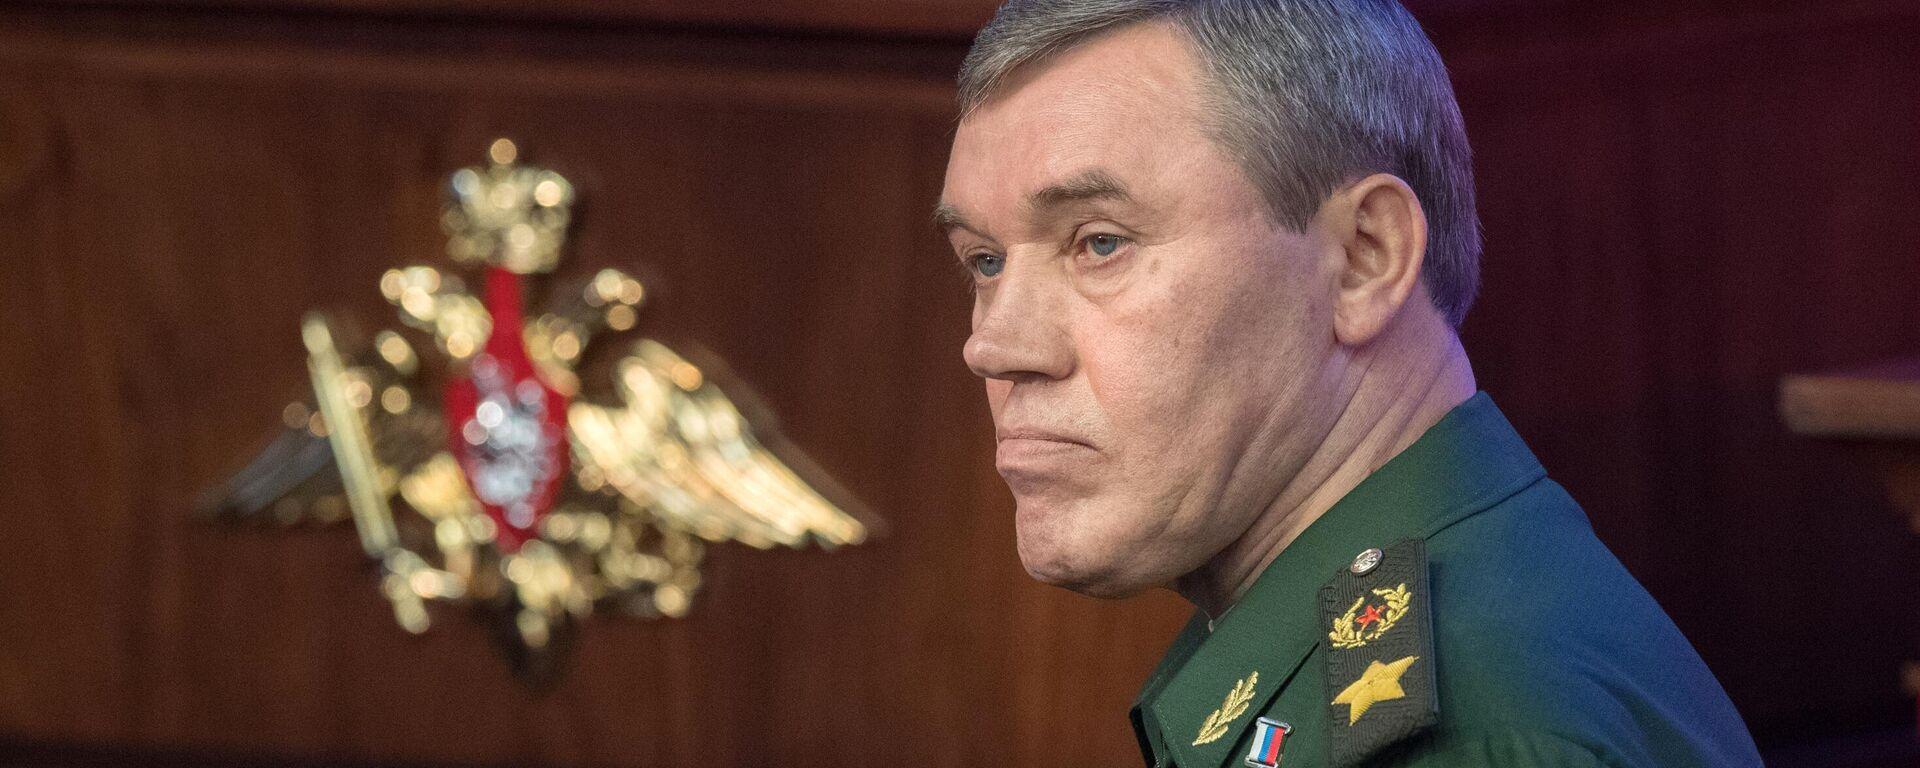 Начальник Генштаба ВС РФ проверил готовность к учениям Запад-2021 - Sputnik Латвия, 1920, 07.09.2021